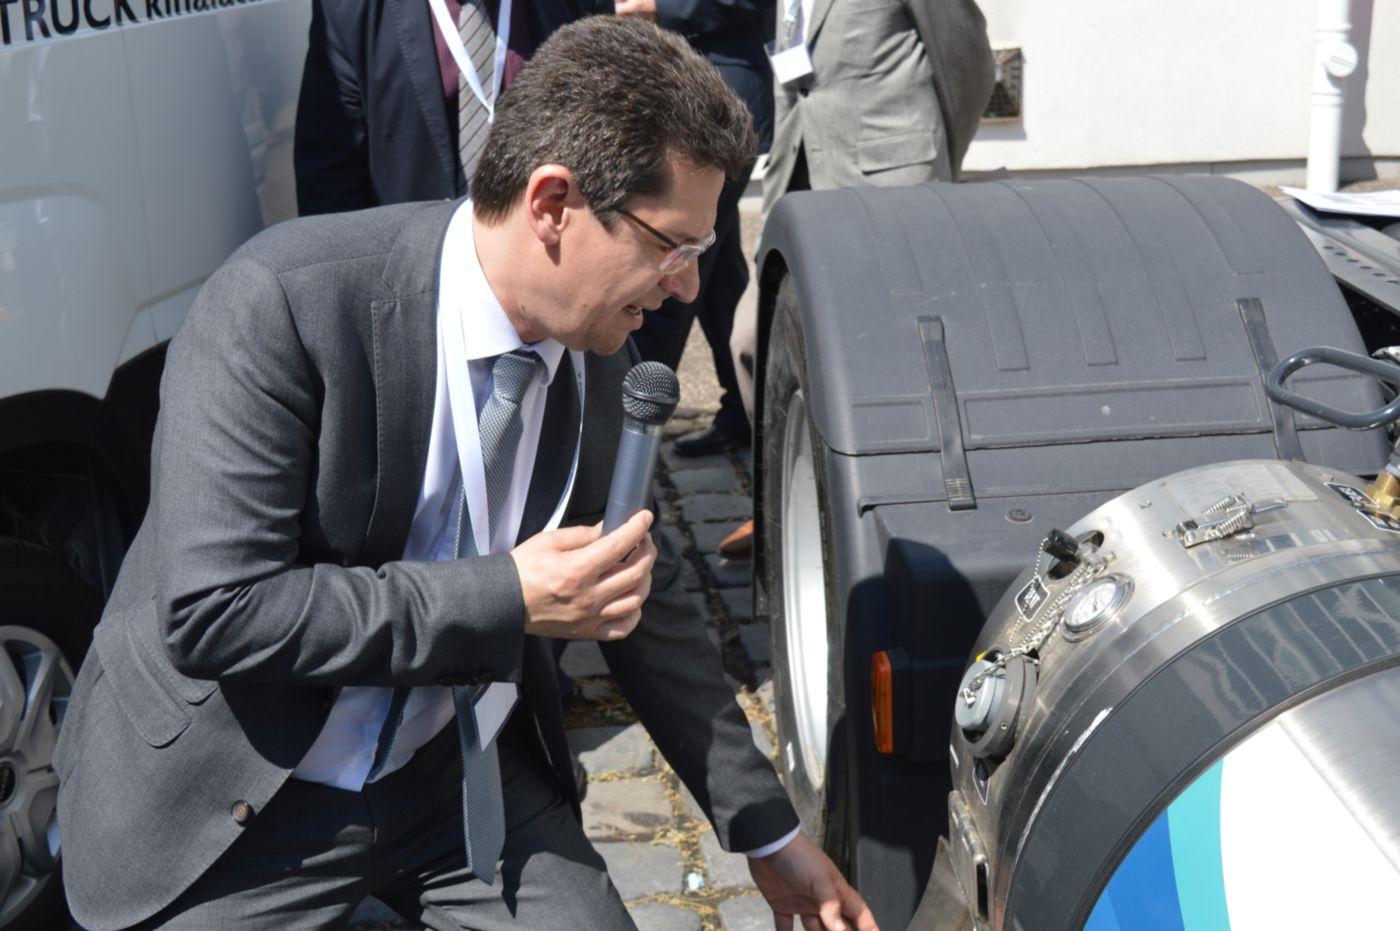 Számos járműpremierrel vette kezdetét az V. CNG&LNG Szakmai Konferencia és Járműkiállítás